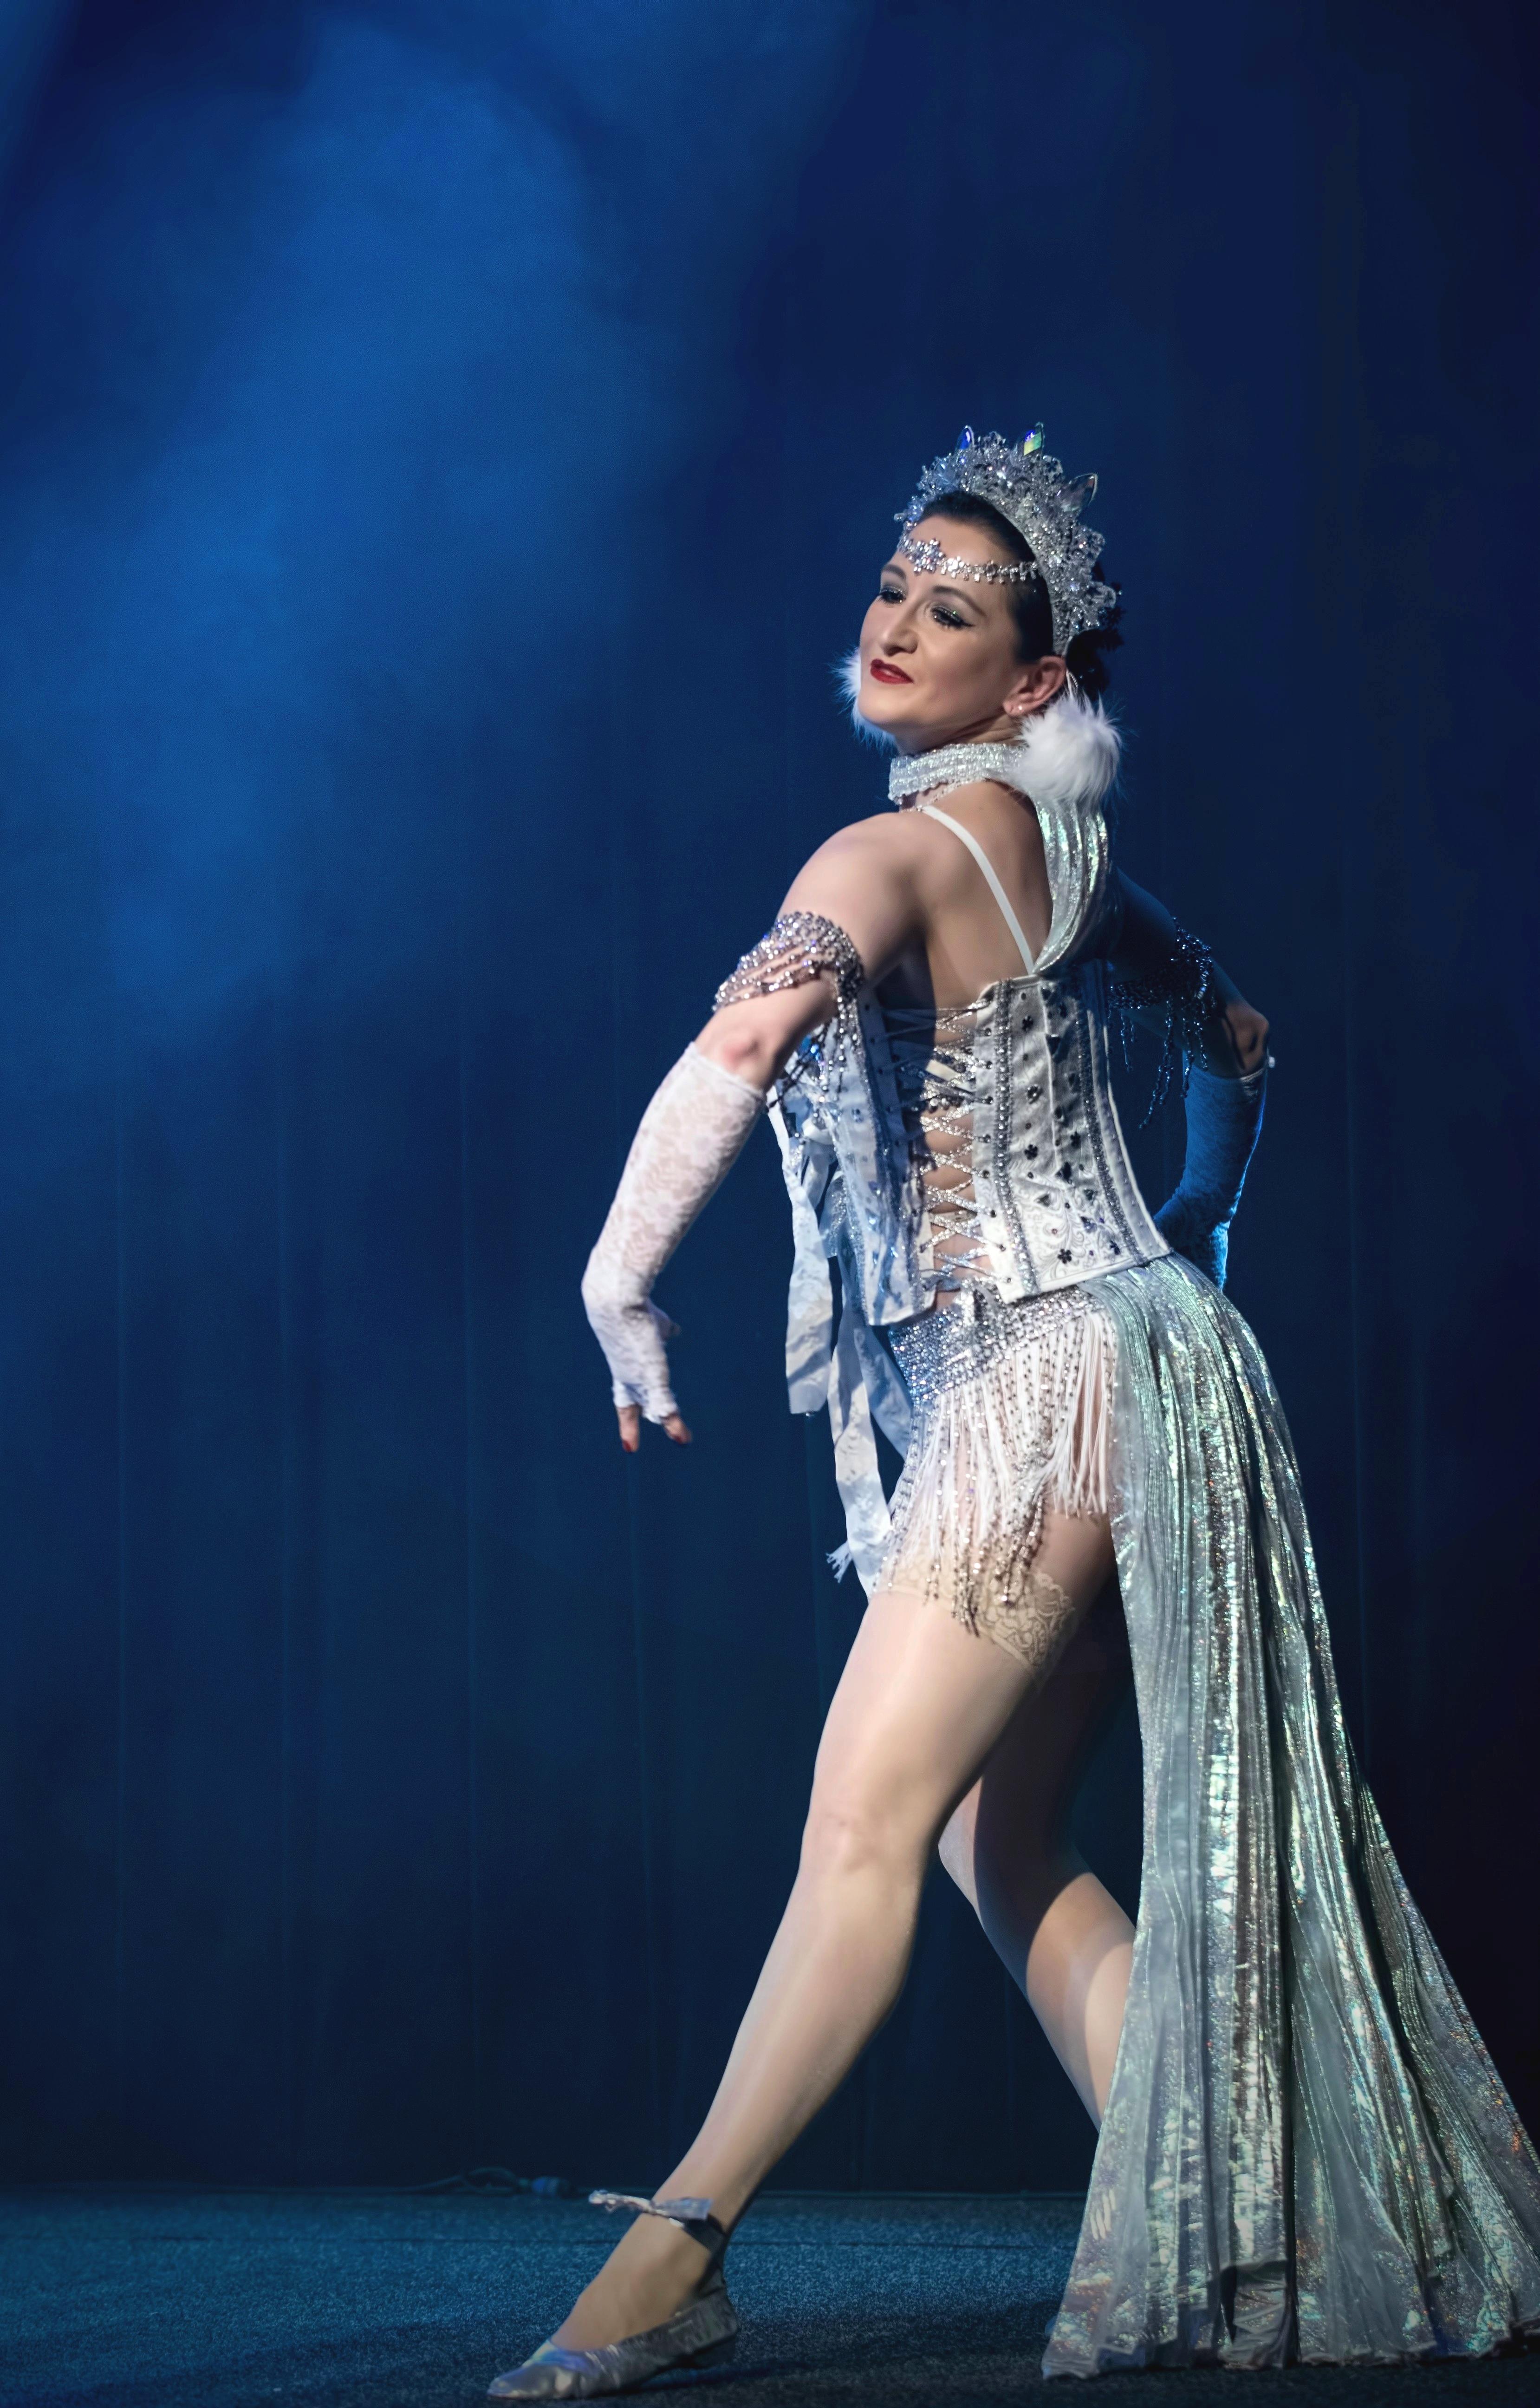 Burlesque: O čom je skutočné umenie zvádzania?